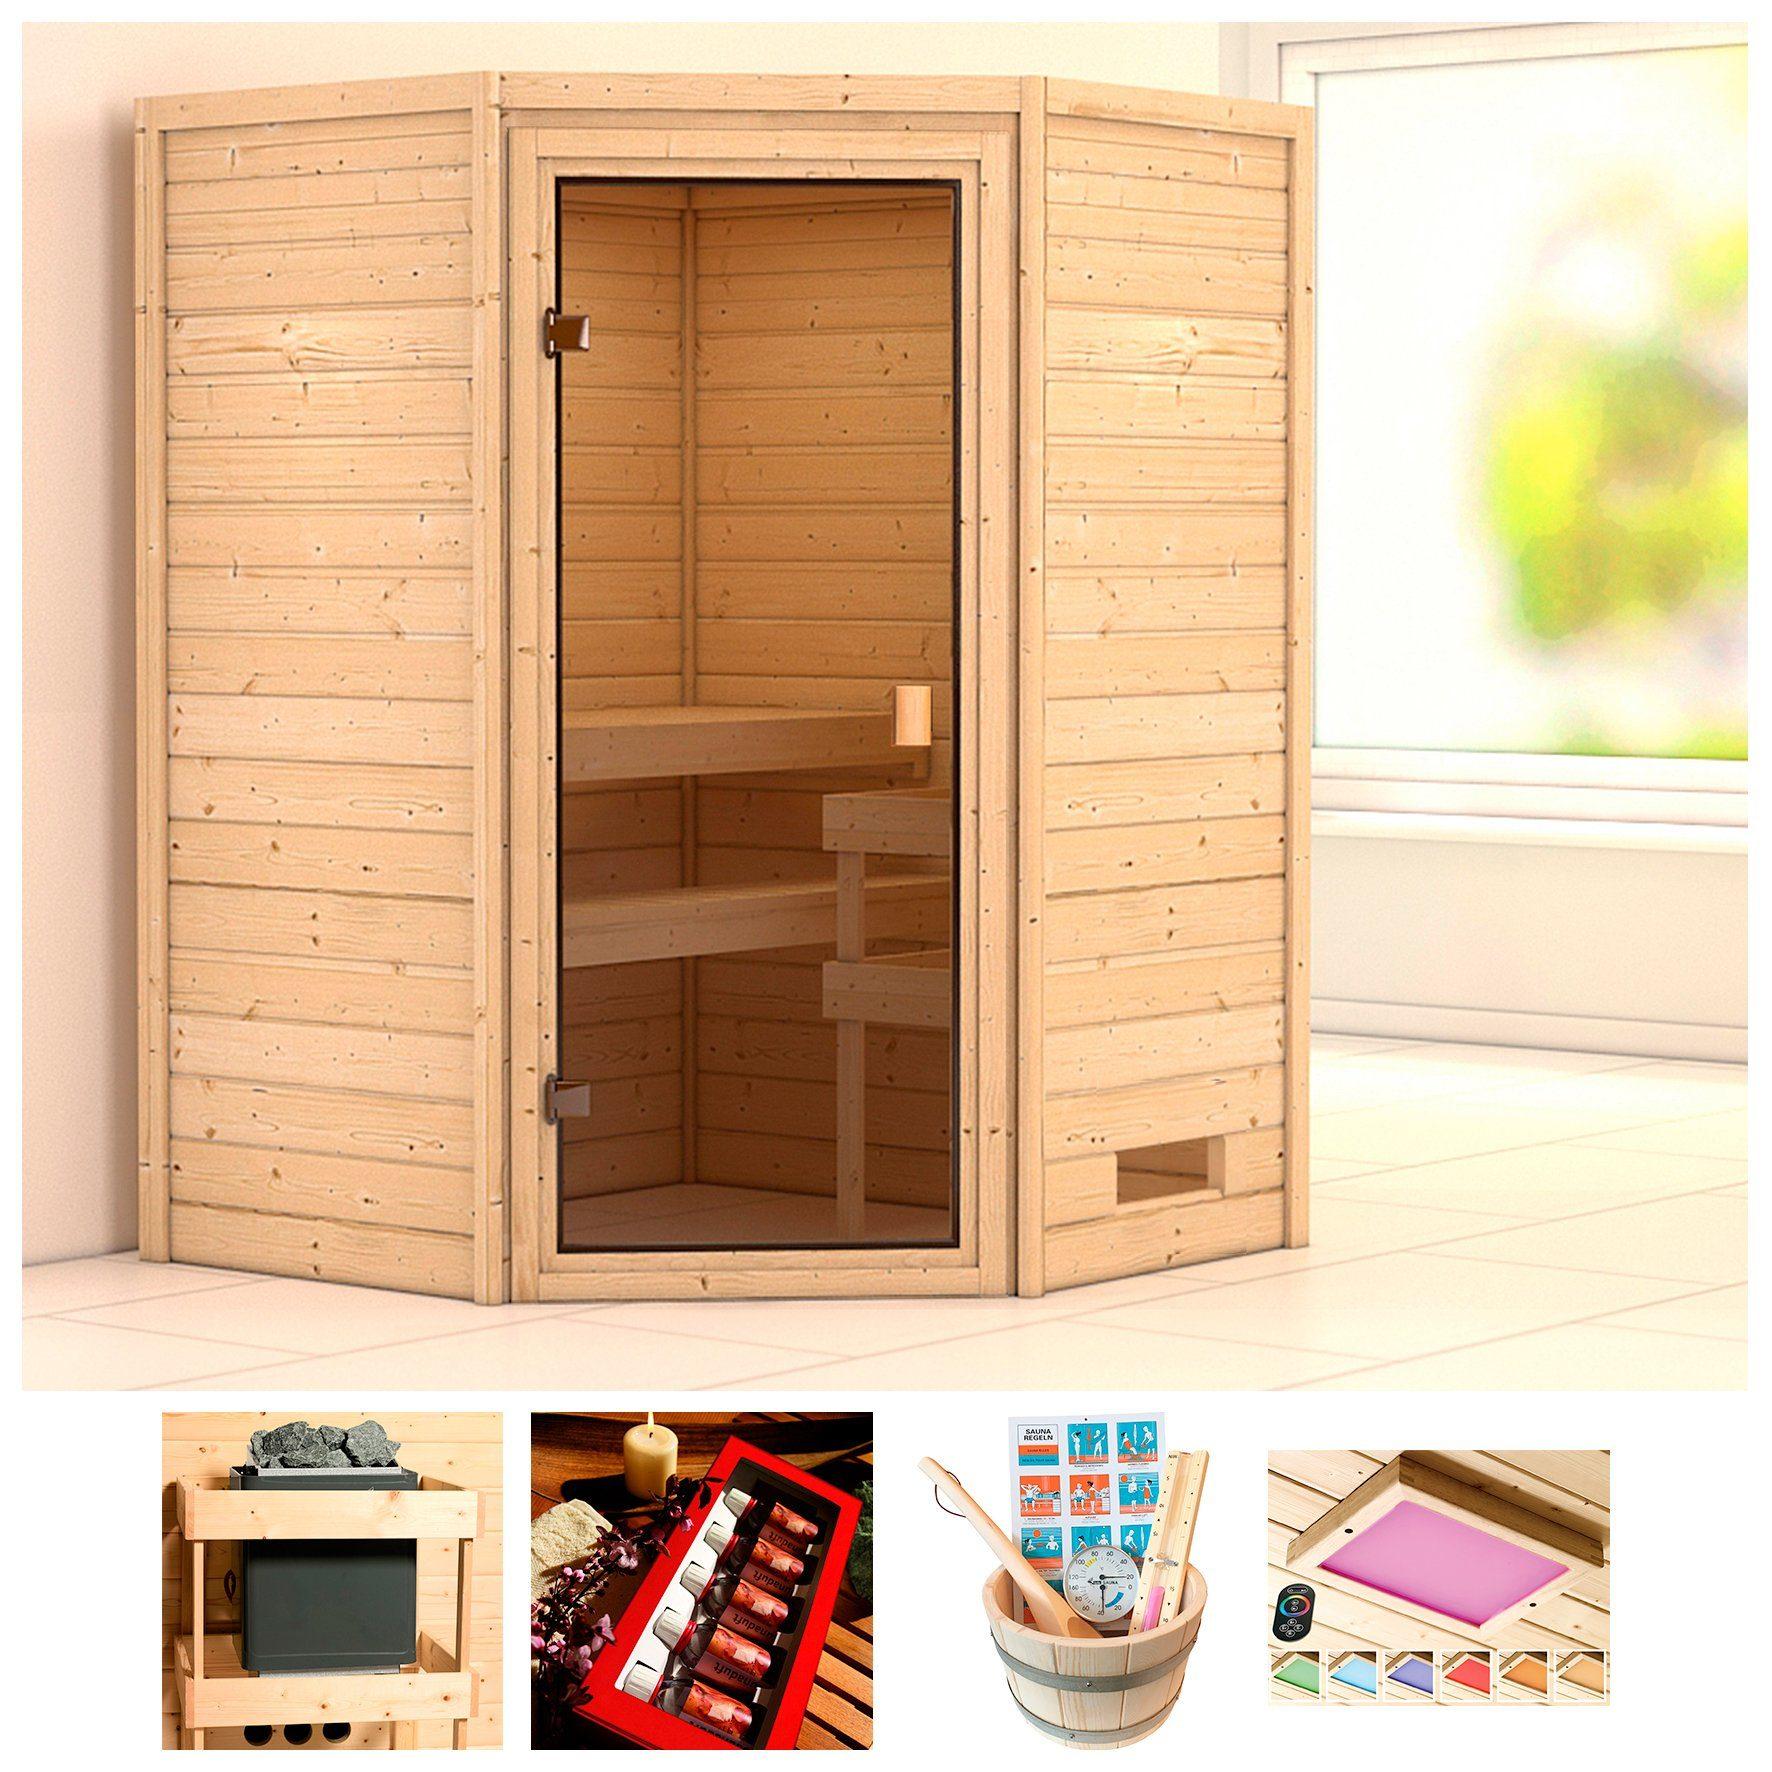 KARIBU Sauna »Meggie«, BxTxH: 146x146x187 cm, ohne Ofen